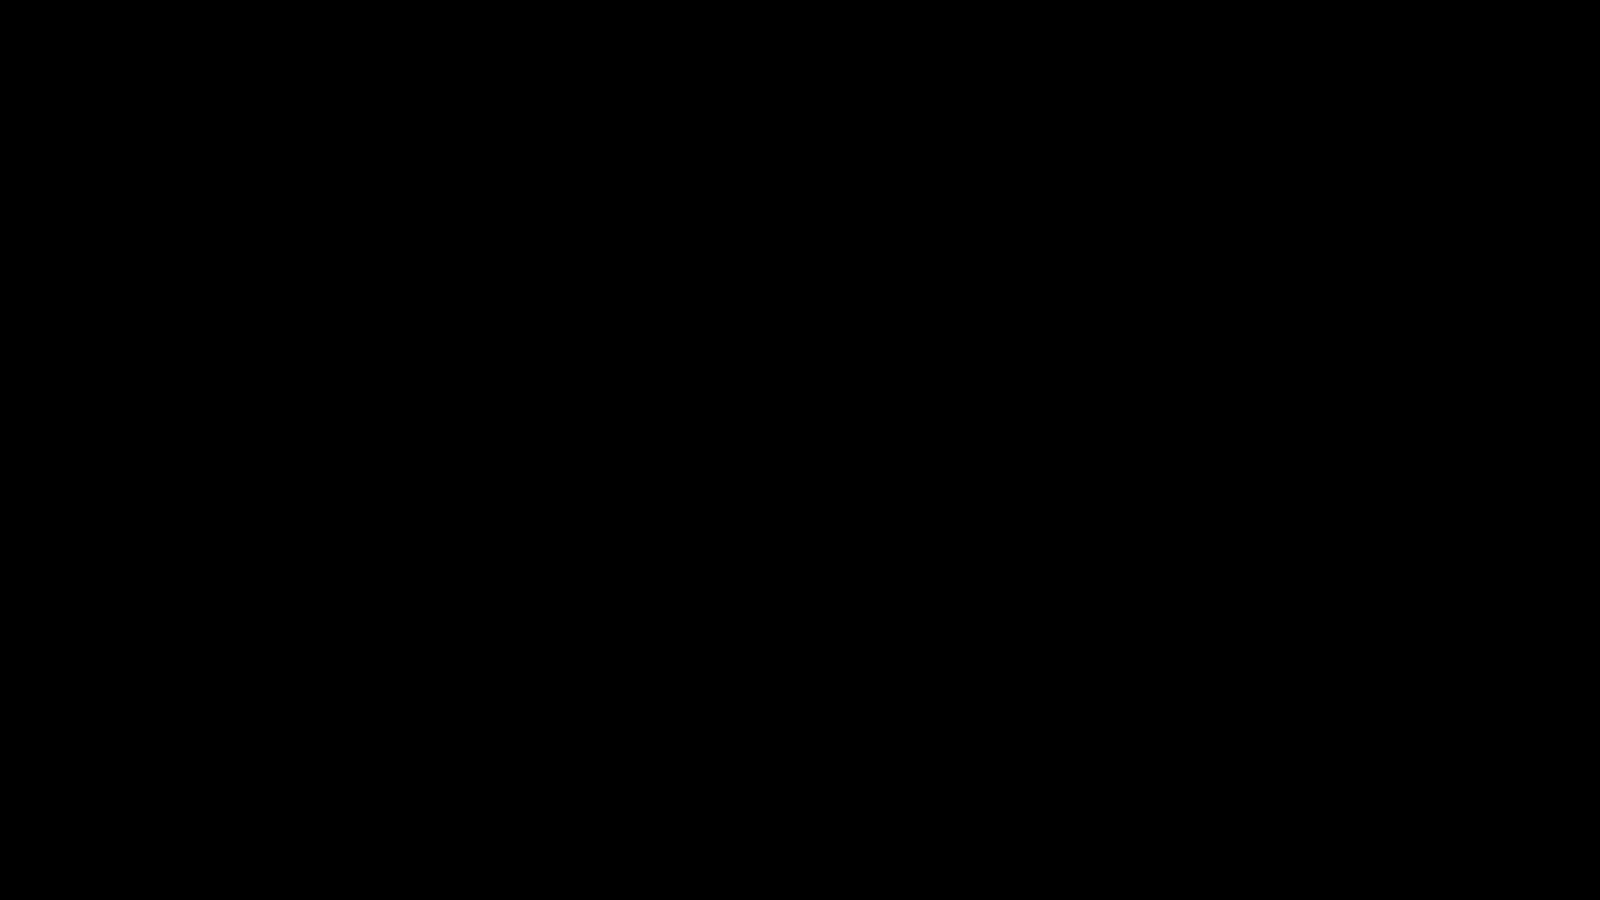 Borrão de tinta 3_fundo preto png